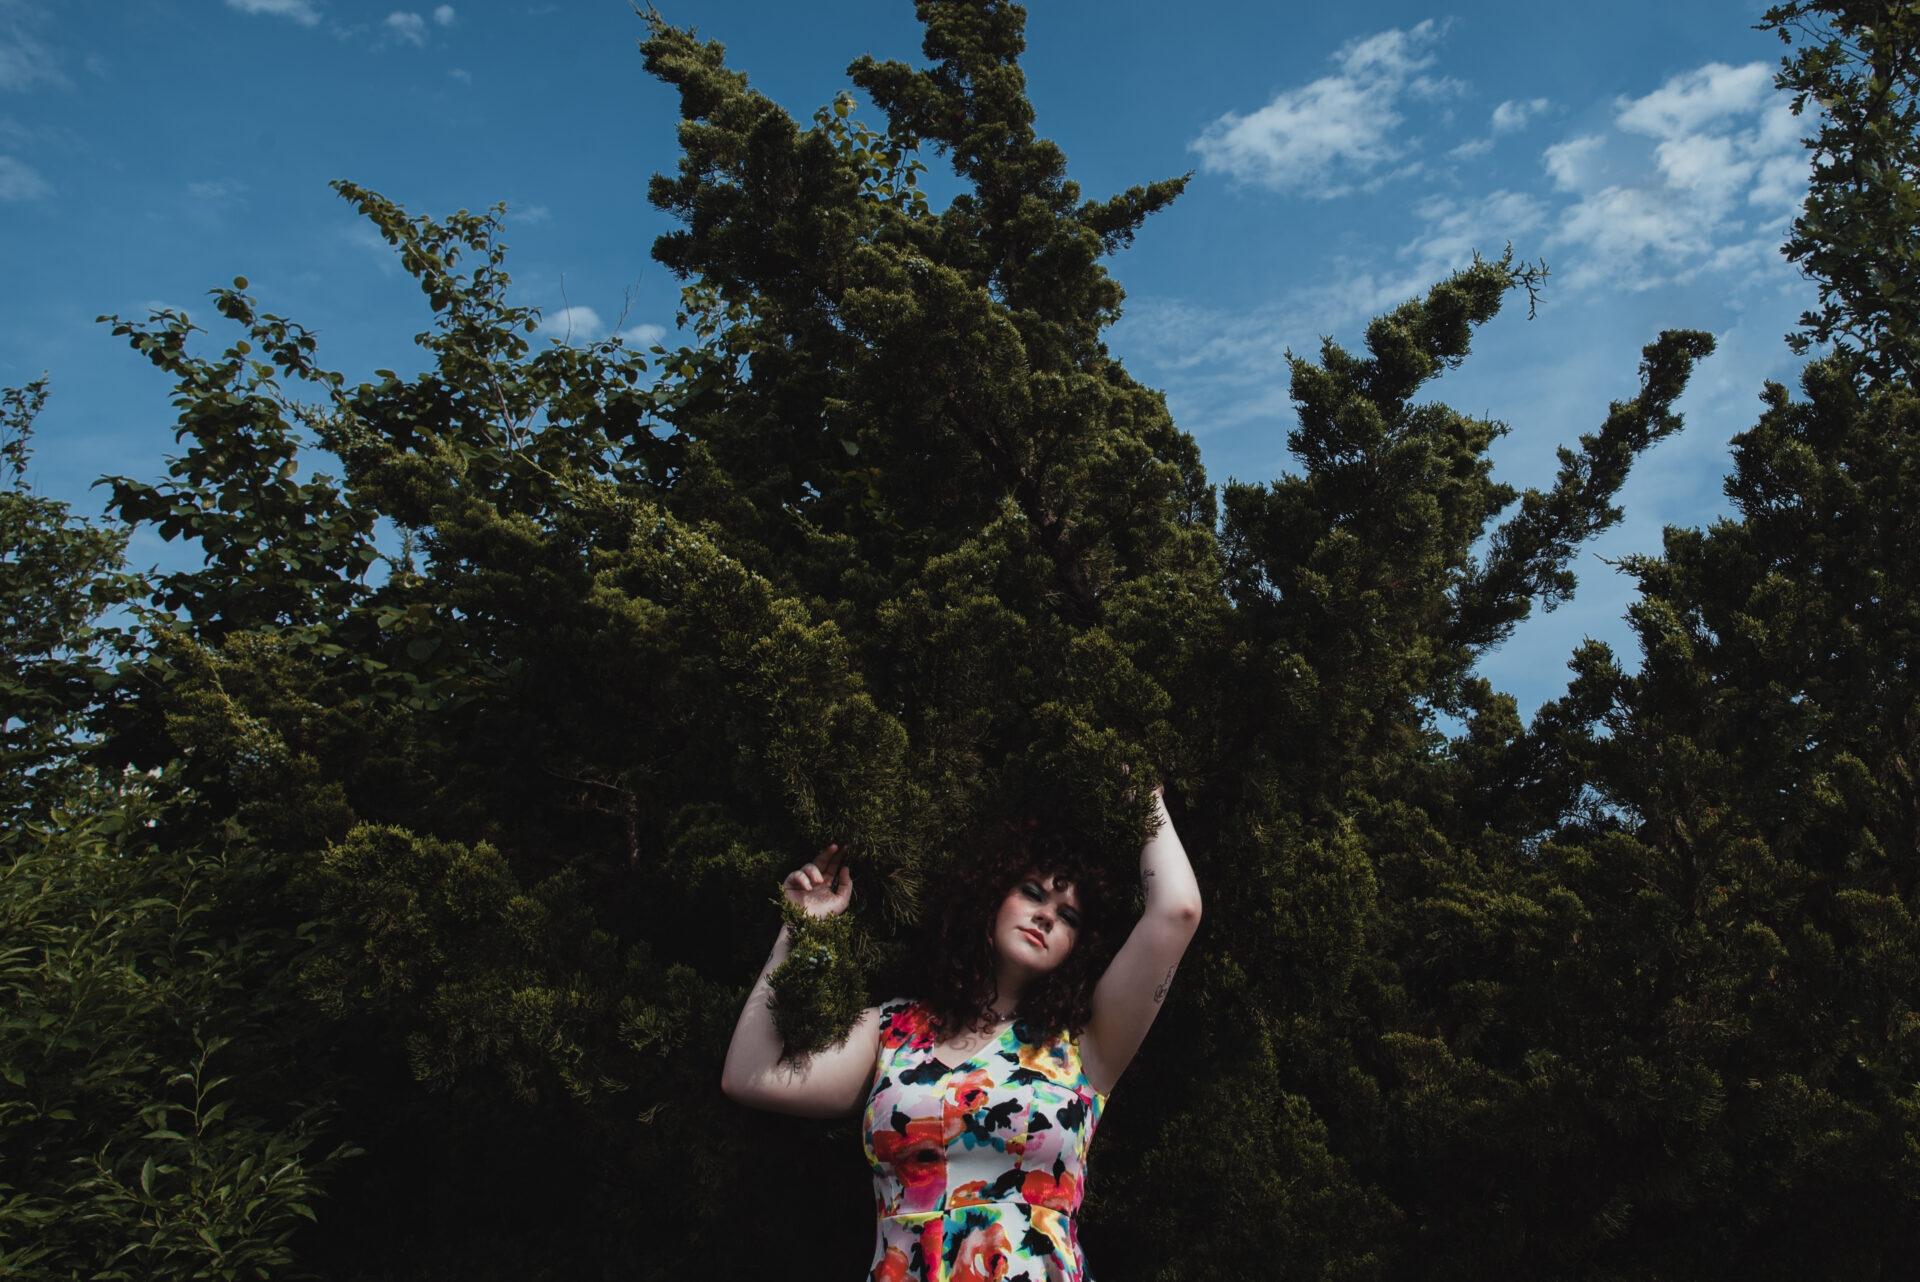 EXCLUSIVE: Bel Holiday Shares 'Devil On Your Shoulder'